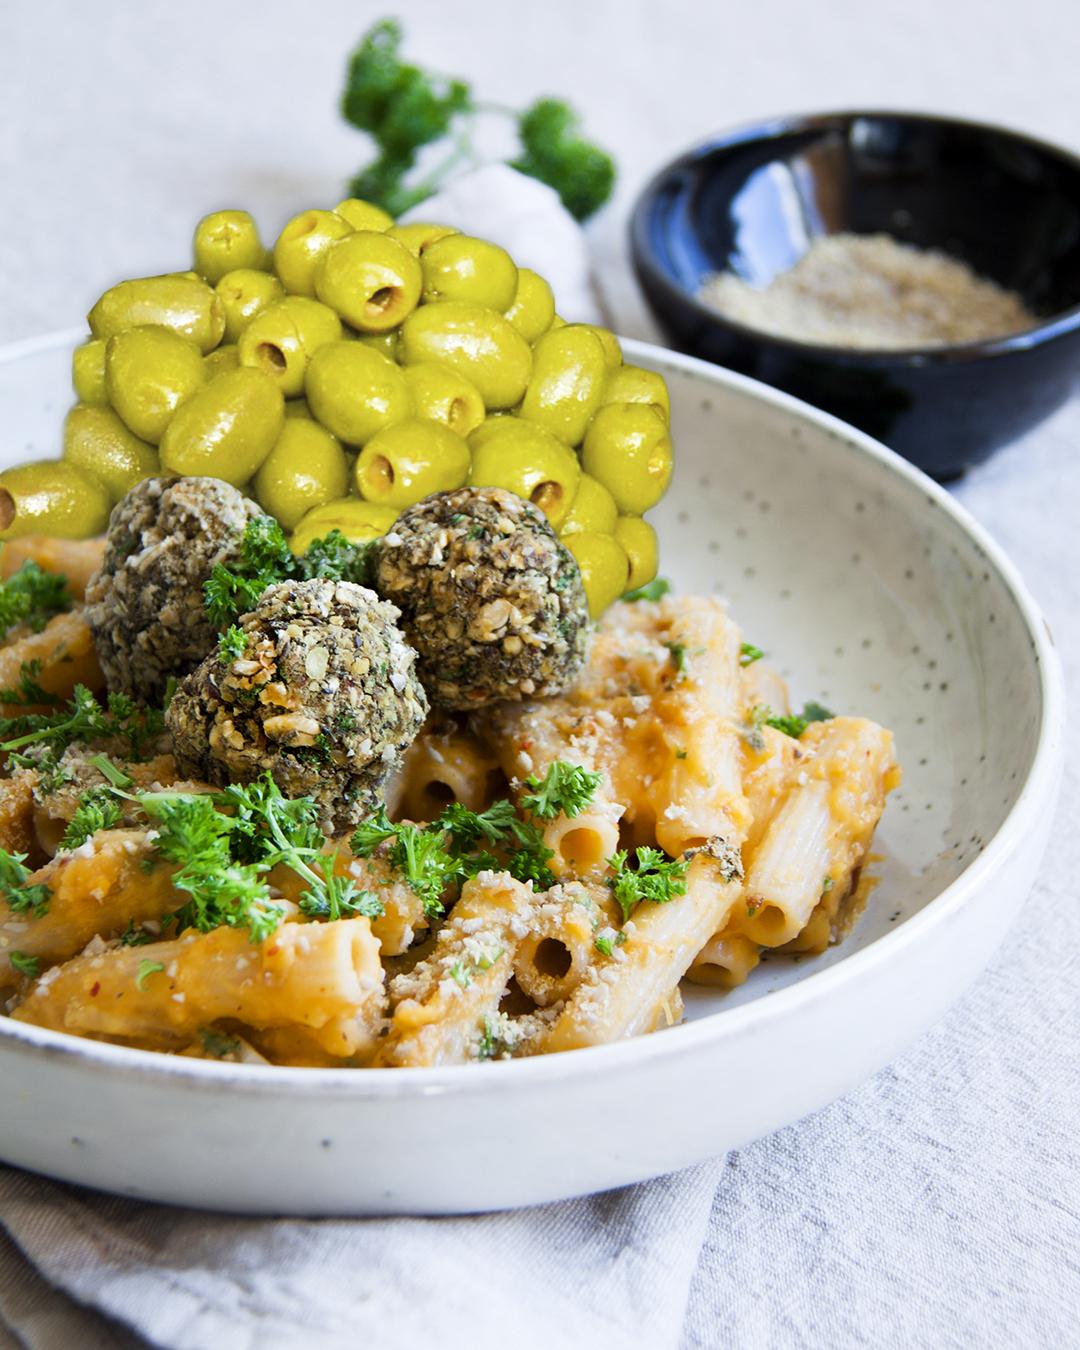 waarom-olie-even-slecht-is-als-suiker-pasta-02.jpg